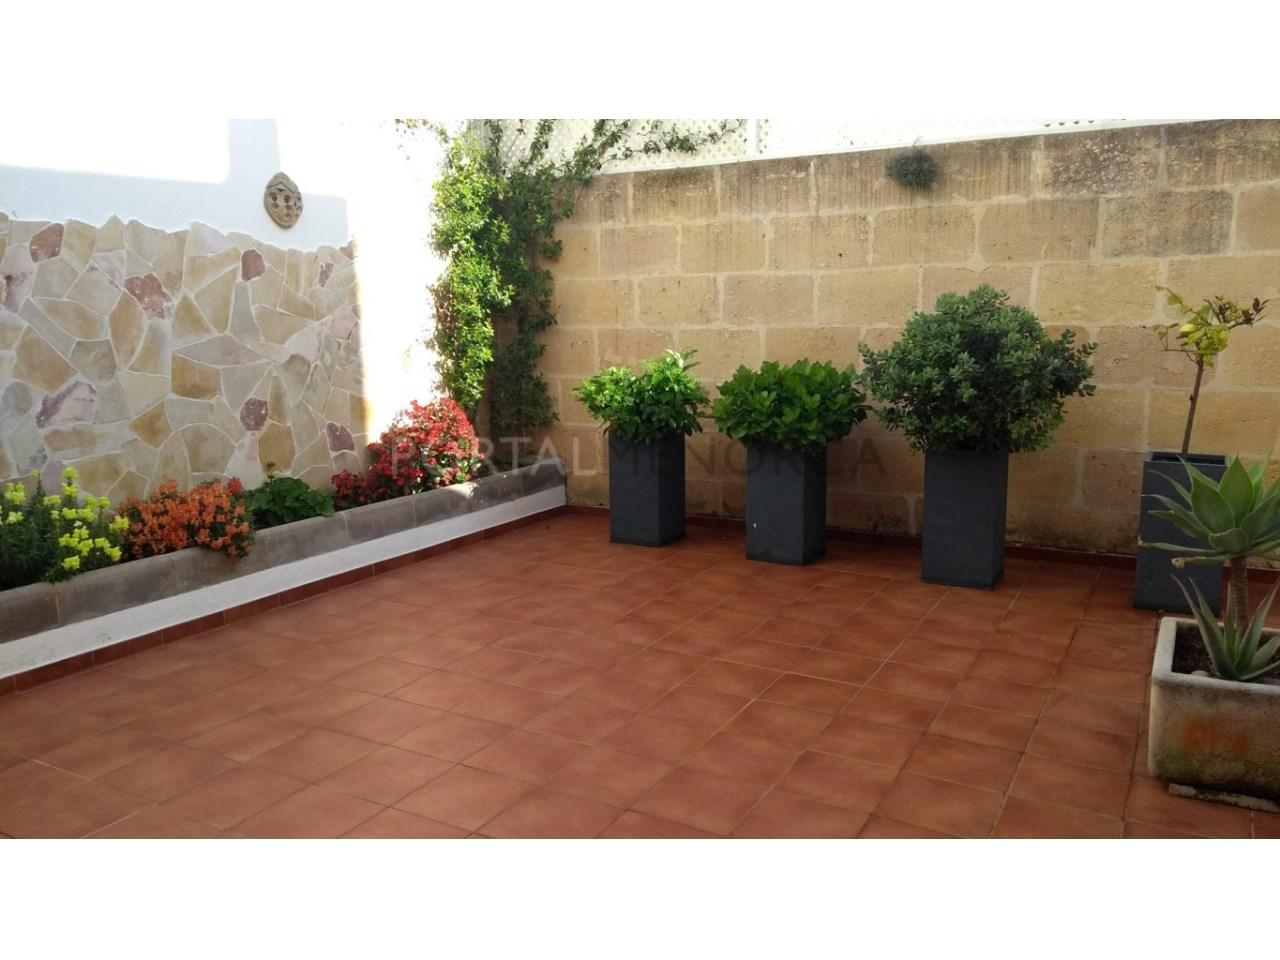 Amplia Casa con patio en venta en Ciutadella patio